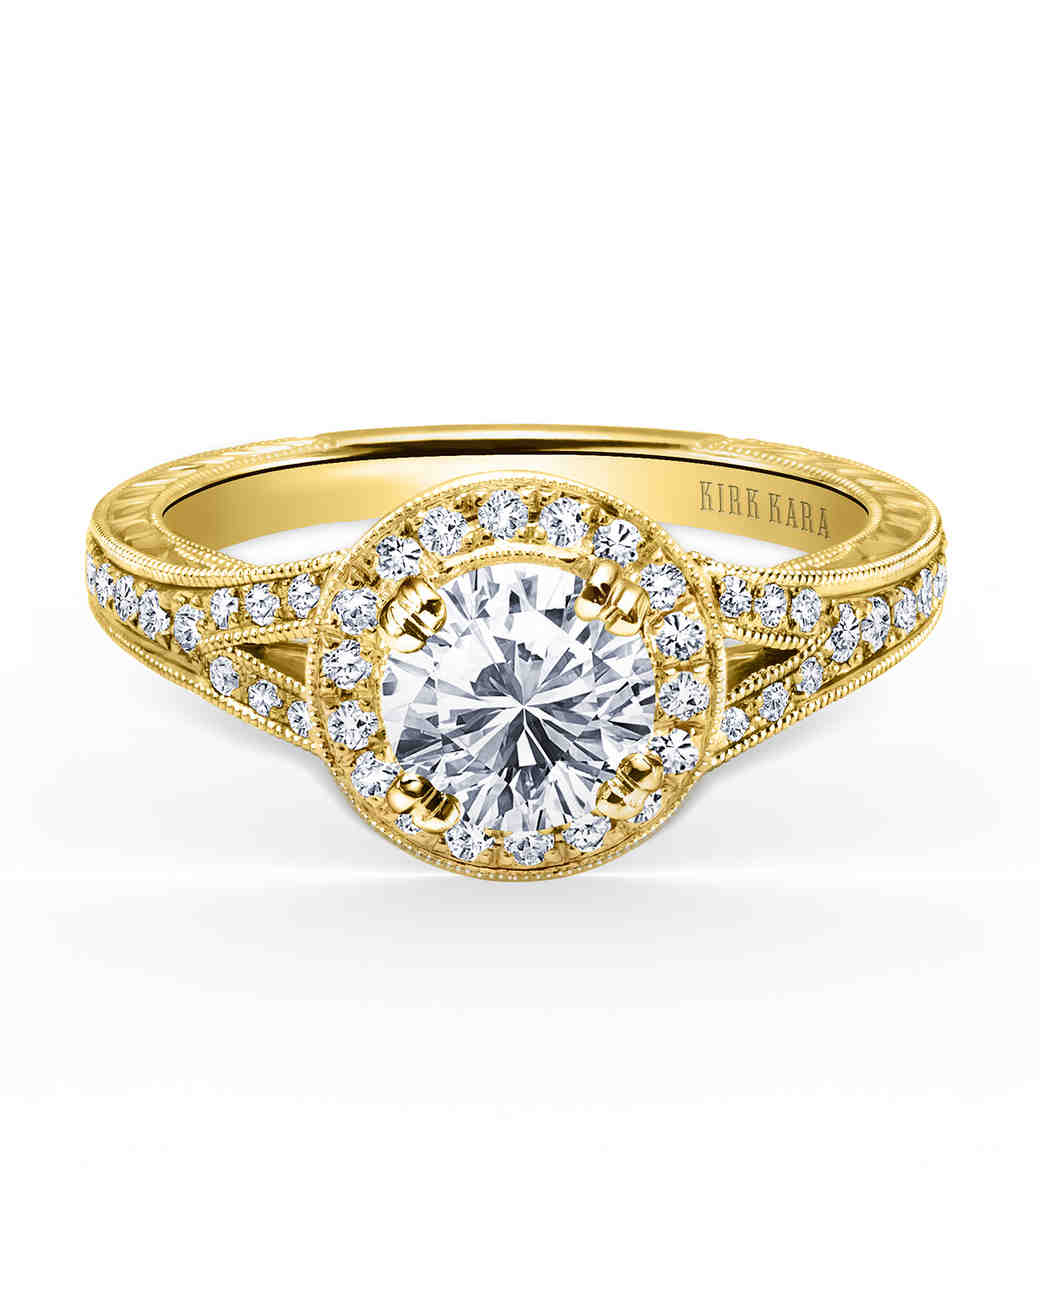 Kirk Kara Yellow Gold Engagement Ring with Split Shank